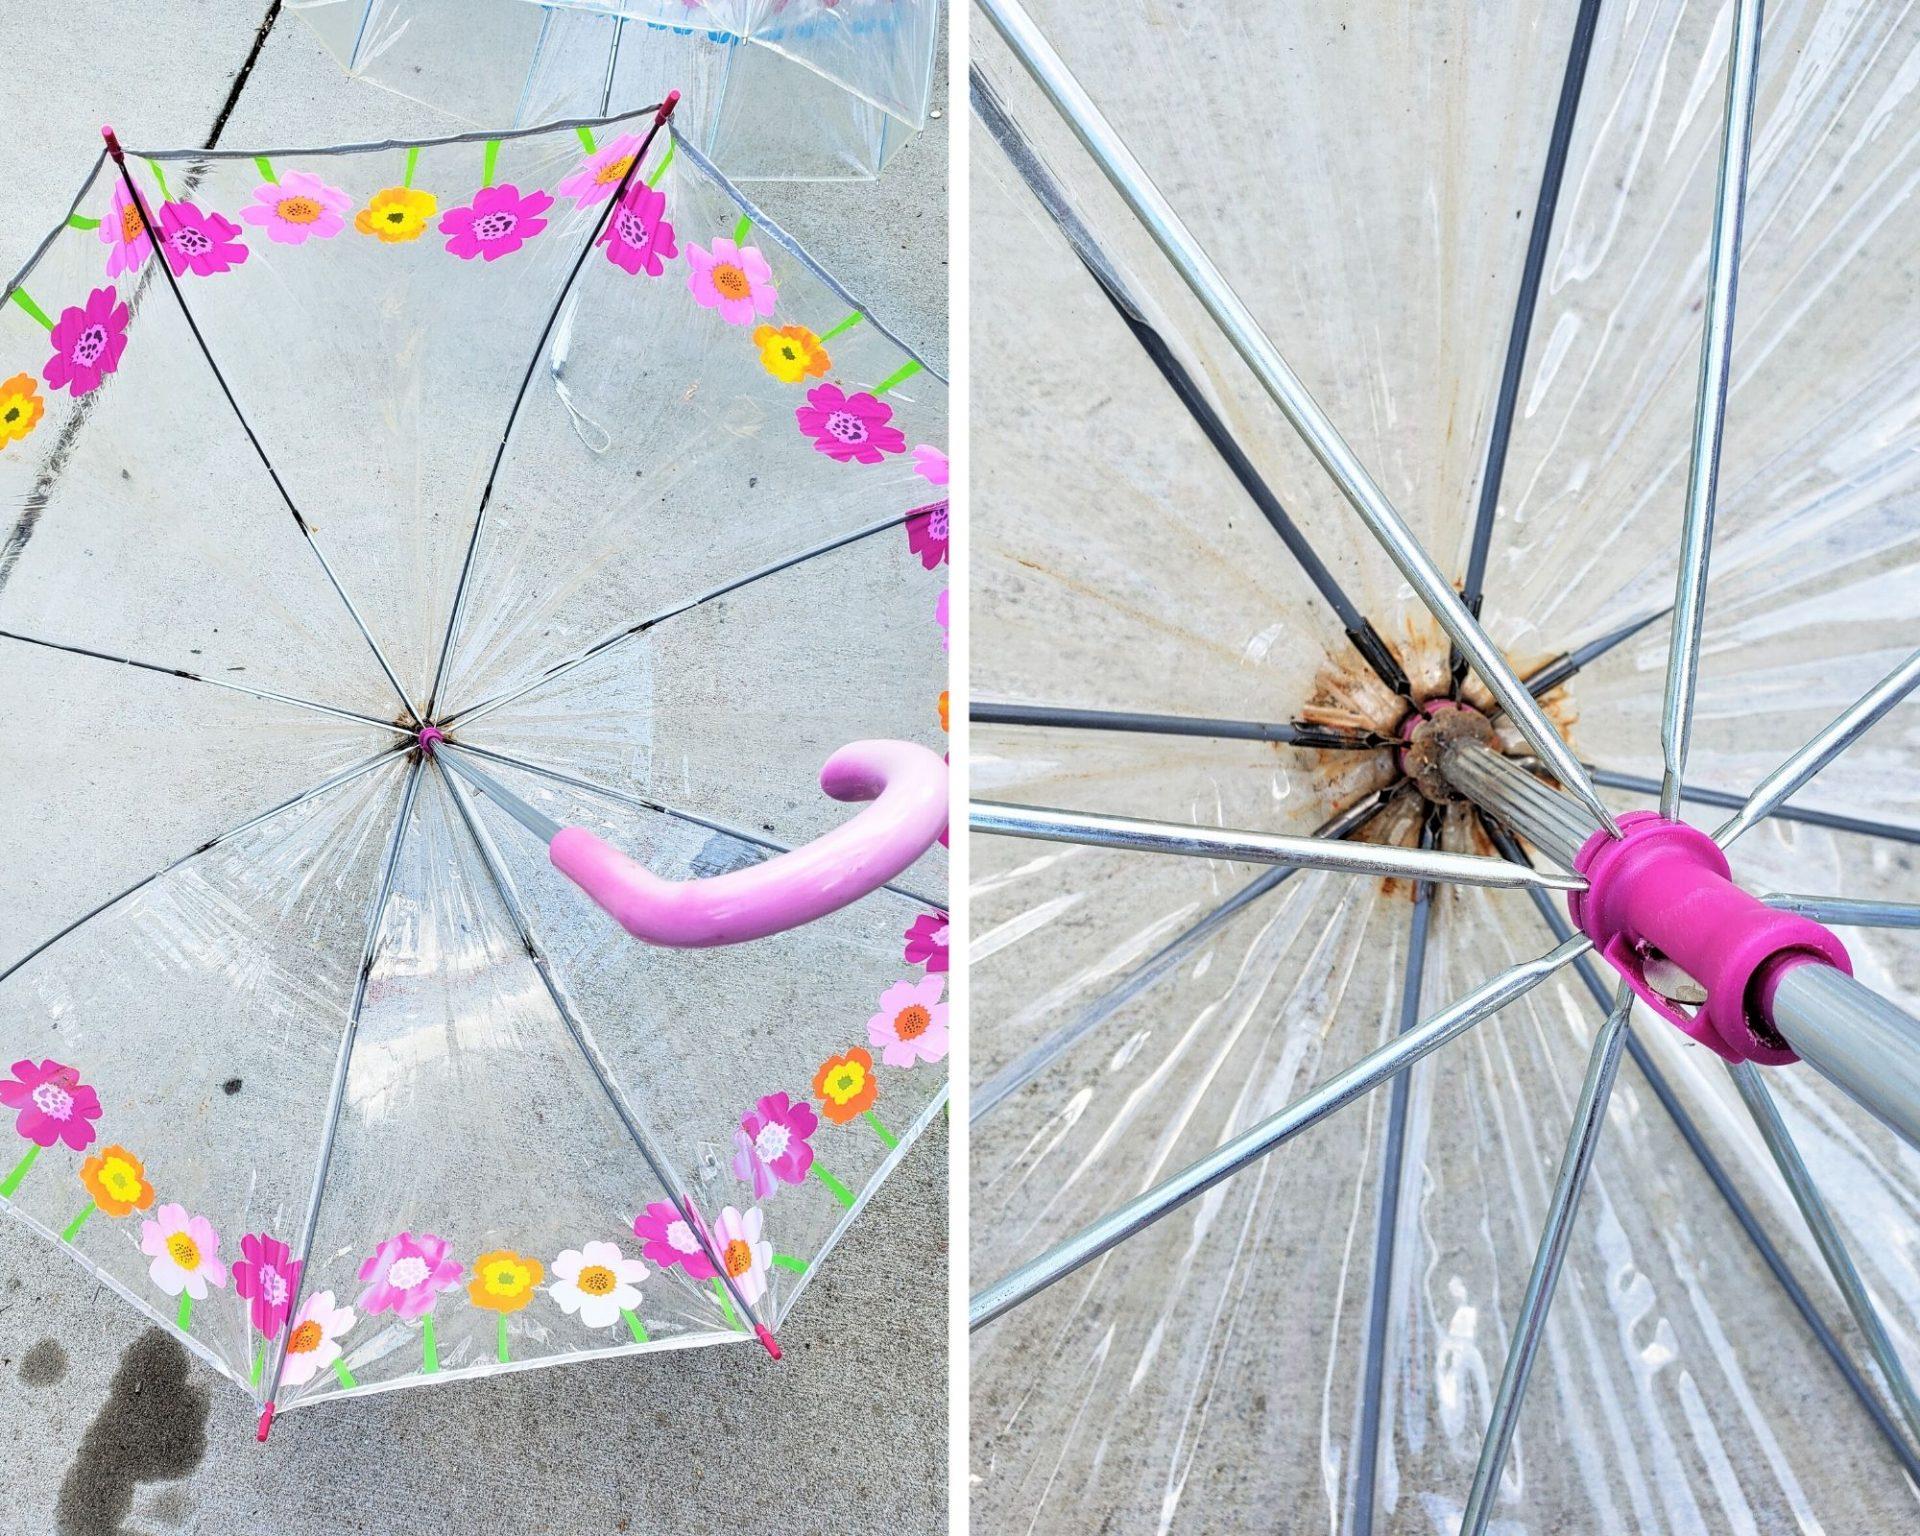 Umbrella Collage 4